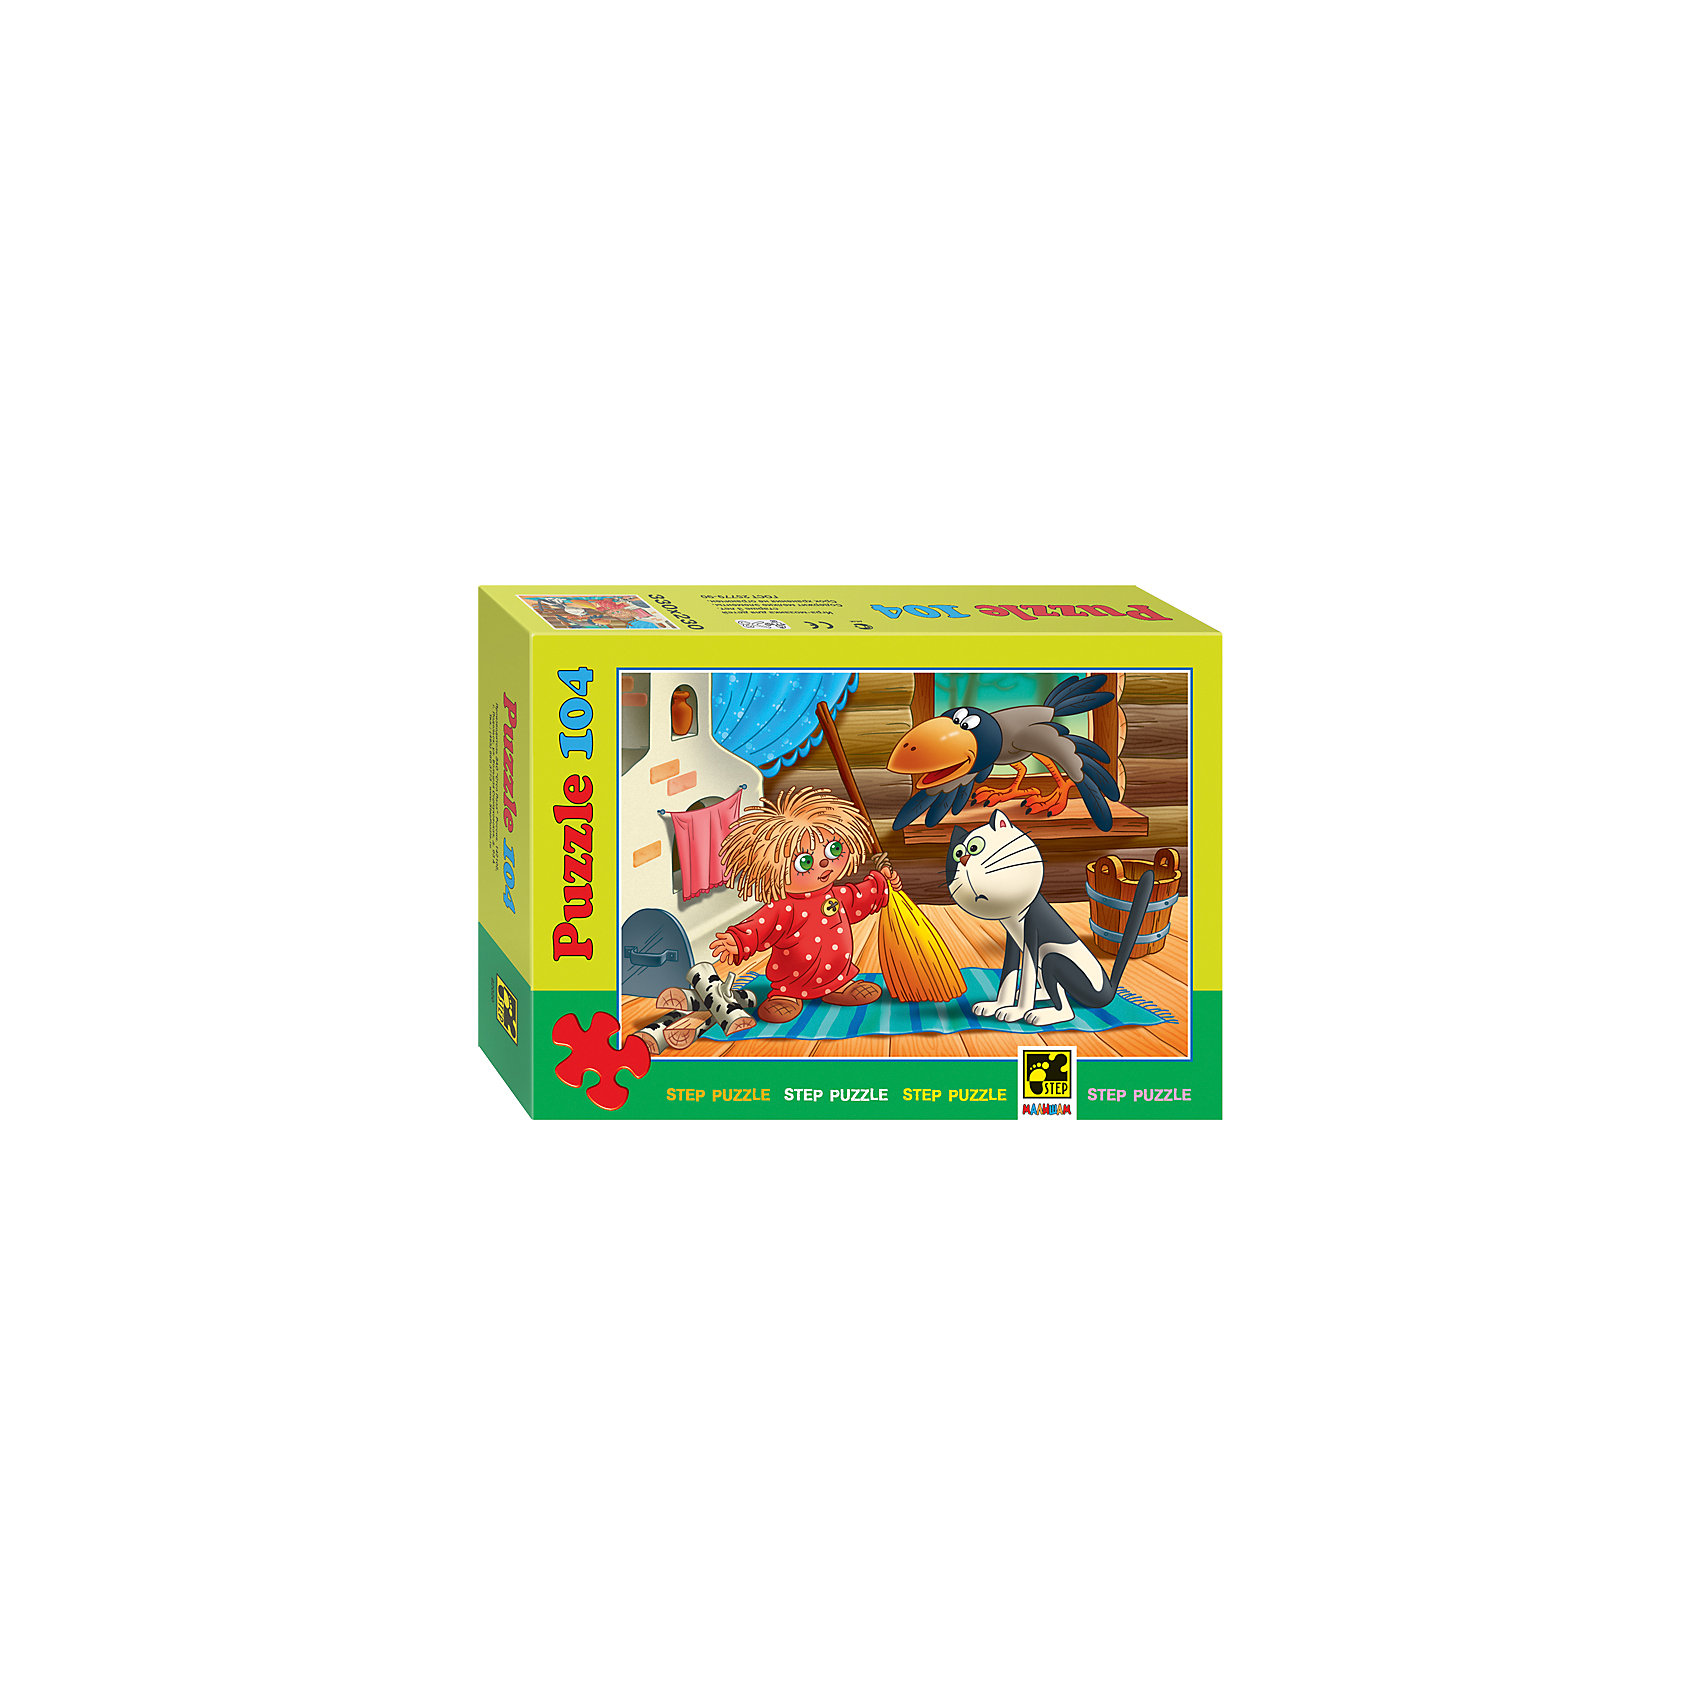 Пазл Домовенок Кузя, 104 детали, Step PuzzleКлассические пазлы<br>Пазл Домовенок Кузя, 104 детали, Step Puzzle (Степ Пазл) – это замечательный красочный пазл с изображением любимых героев.<br>Непоседливый домовёнок по имени Кузя приглашает принять участие в забавных приключениях. Подарите ребенку чудесный пазл Домовенок Кузя, и он будет увлеченно подбирать детали, пока не составит яркую и интересную картинку, на которой изображены забавный домовенок Кузя, кот и ворона. Сборка пазла Домовенок Кузя от Step Puzzle (Степ Пазл) подарит Вашему ребенку не только множество увлекательных вечеров, но и принесет пользу для развития. Координация, моторика, внимательность легко тренируются, пока ребенок увлеченно подбирает детали. Качественные фрагменты пазла отлично проклеены и идеально подходят один к другому, поэтому сборка пазла обеспечит малышу только положительные эмоции. Вы будете использовать этот пазл не один год, ведь благодаря качественной нарезке детали не расслаиваются даже после многократного использования.<br><br>Дополнительная информация:<br><br>- Количество деталей: 104<br>- Материал: картон<br>- Размер собранной картинки: 33х23 см.<br>- Отличная проклейка<br>- Долгий срок службы<br>- Детали идеально подходят друг другу<br>- Яркий сюжет<br>- Упаковка: картонная коробка<br>- Размер упаковки: 195x35x140 мм.<br>- Вес: 400 гр.<br><br>Пазл Домовенок Кузя, 104 детали, Step Puzzle (Степ Пазл) можно купить в нашем интернет-магазине.<br><br>Ширина мм: 195<br>Глубина мм: 35<br>Высота мм: 140<br>Вес г: 400<br>Возраст от месяцев: 60<br>Возраст до месяцев: 144<br>Пол: Унисекс<br>Возраст: Детский<br>Количество деталей: 104<br>SKU: 4588267